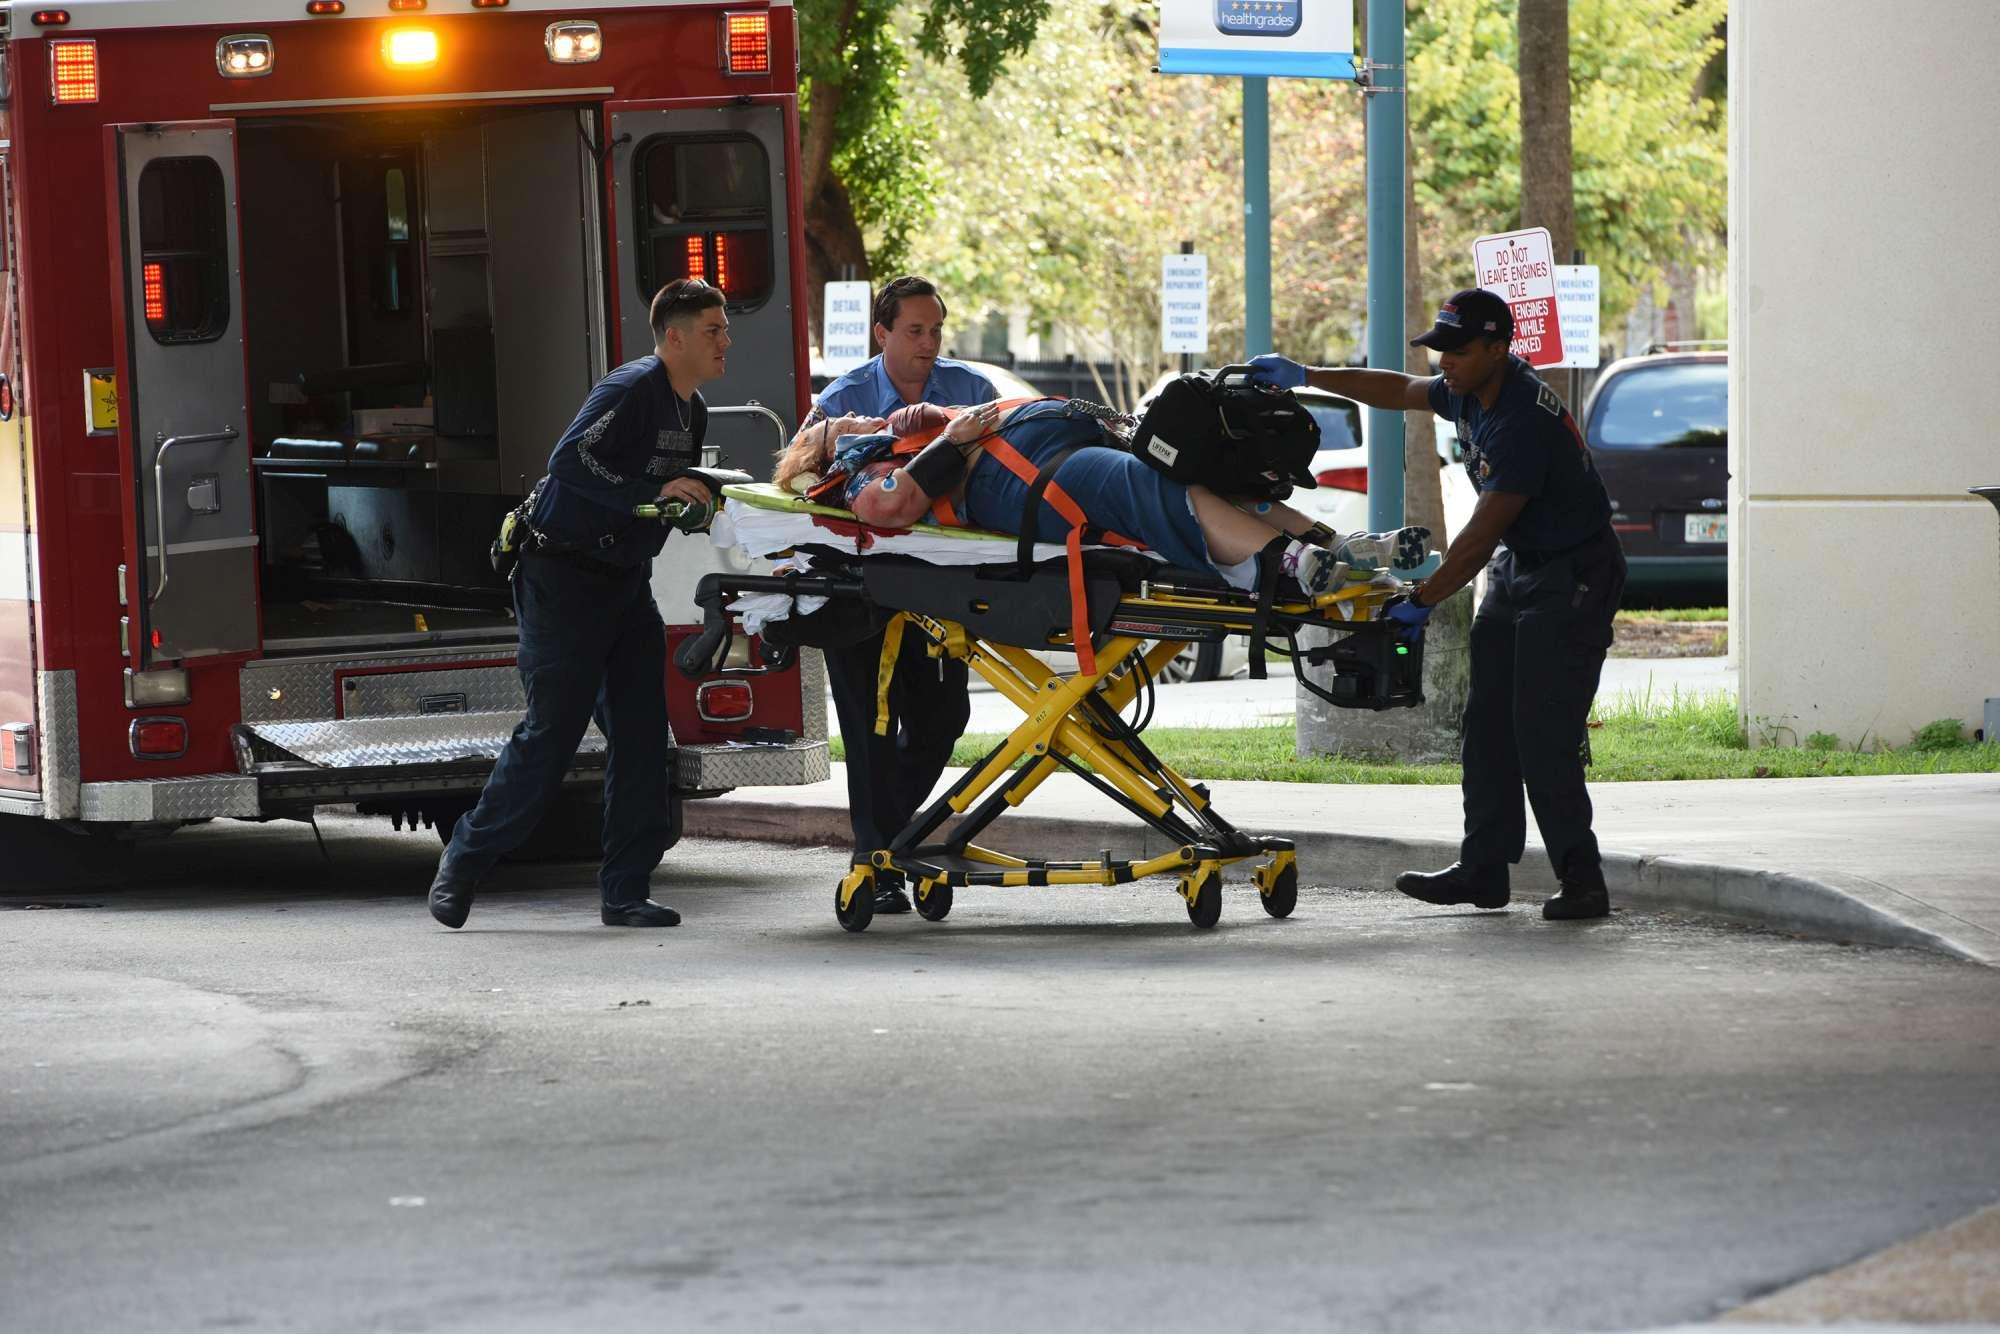 Sparatoria in un aeroporto in Florida: morti e feriti